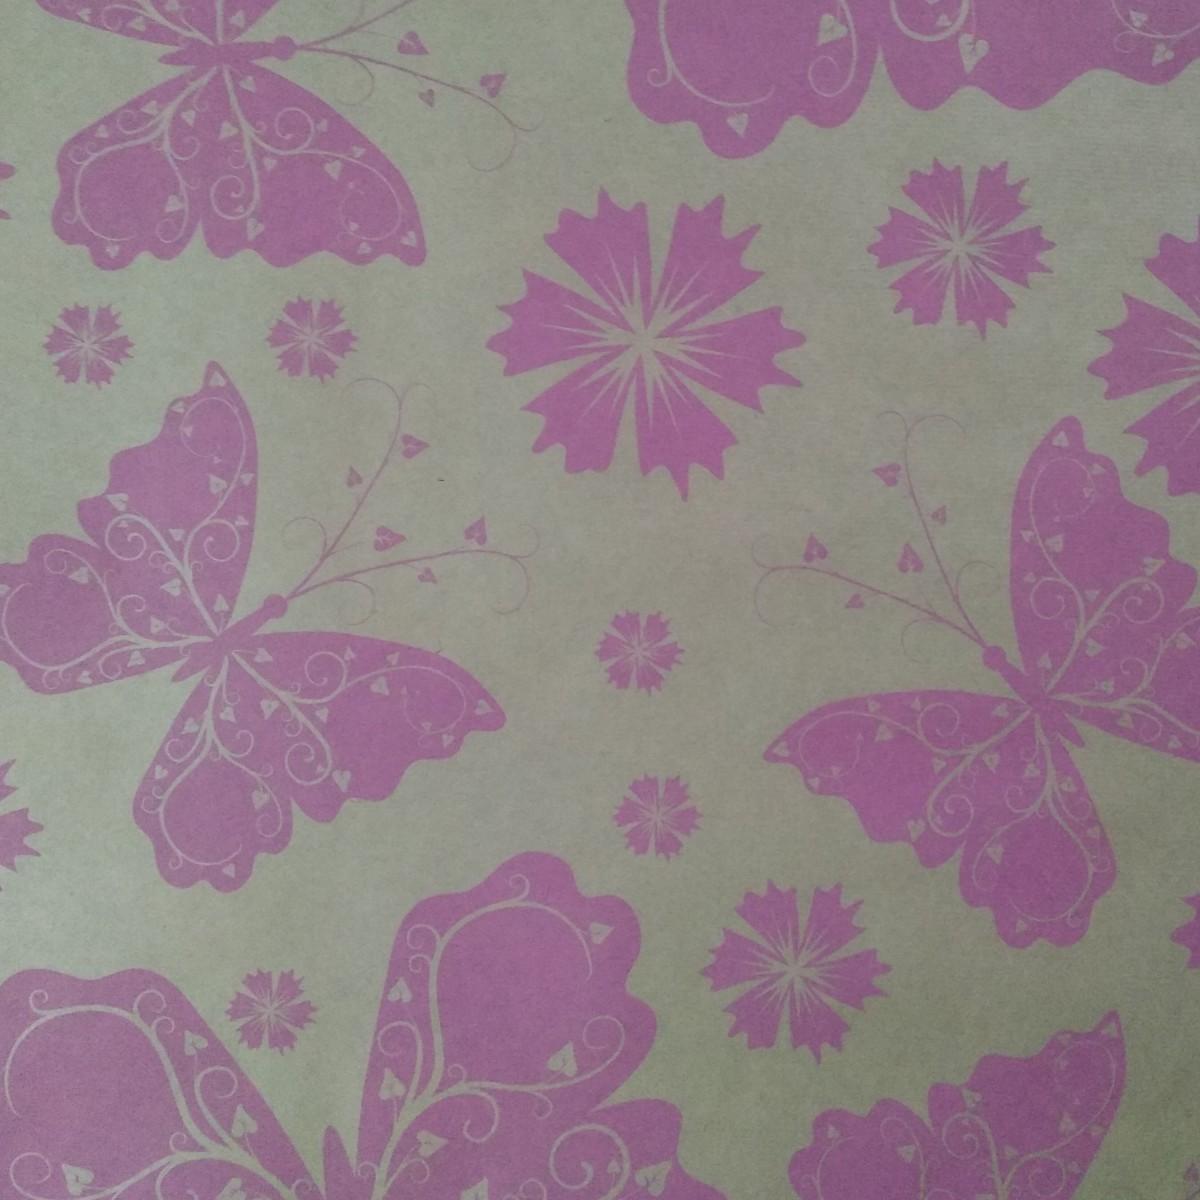 7207 Butterflies Print Strong Pink 50cmx25m Kraft Paper -1 Roll